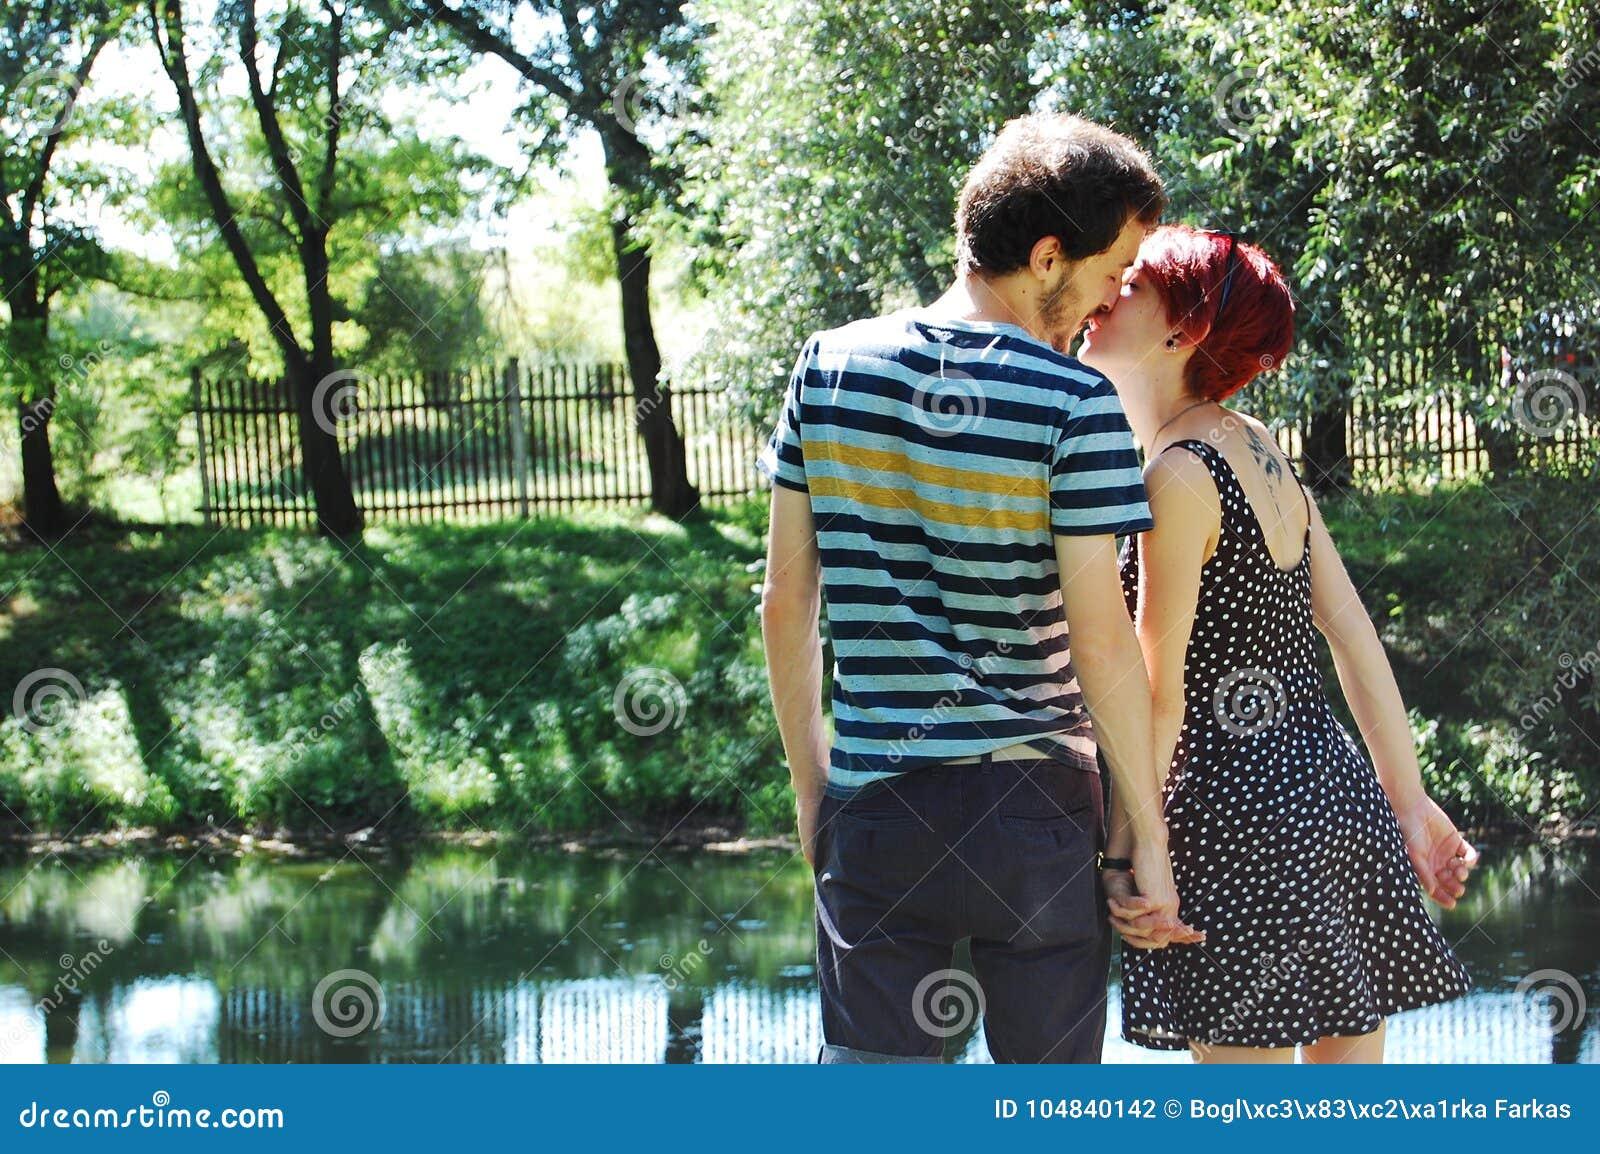 Αγαπούν ο ένας τον άλλον στο lakeshore